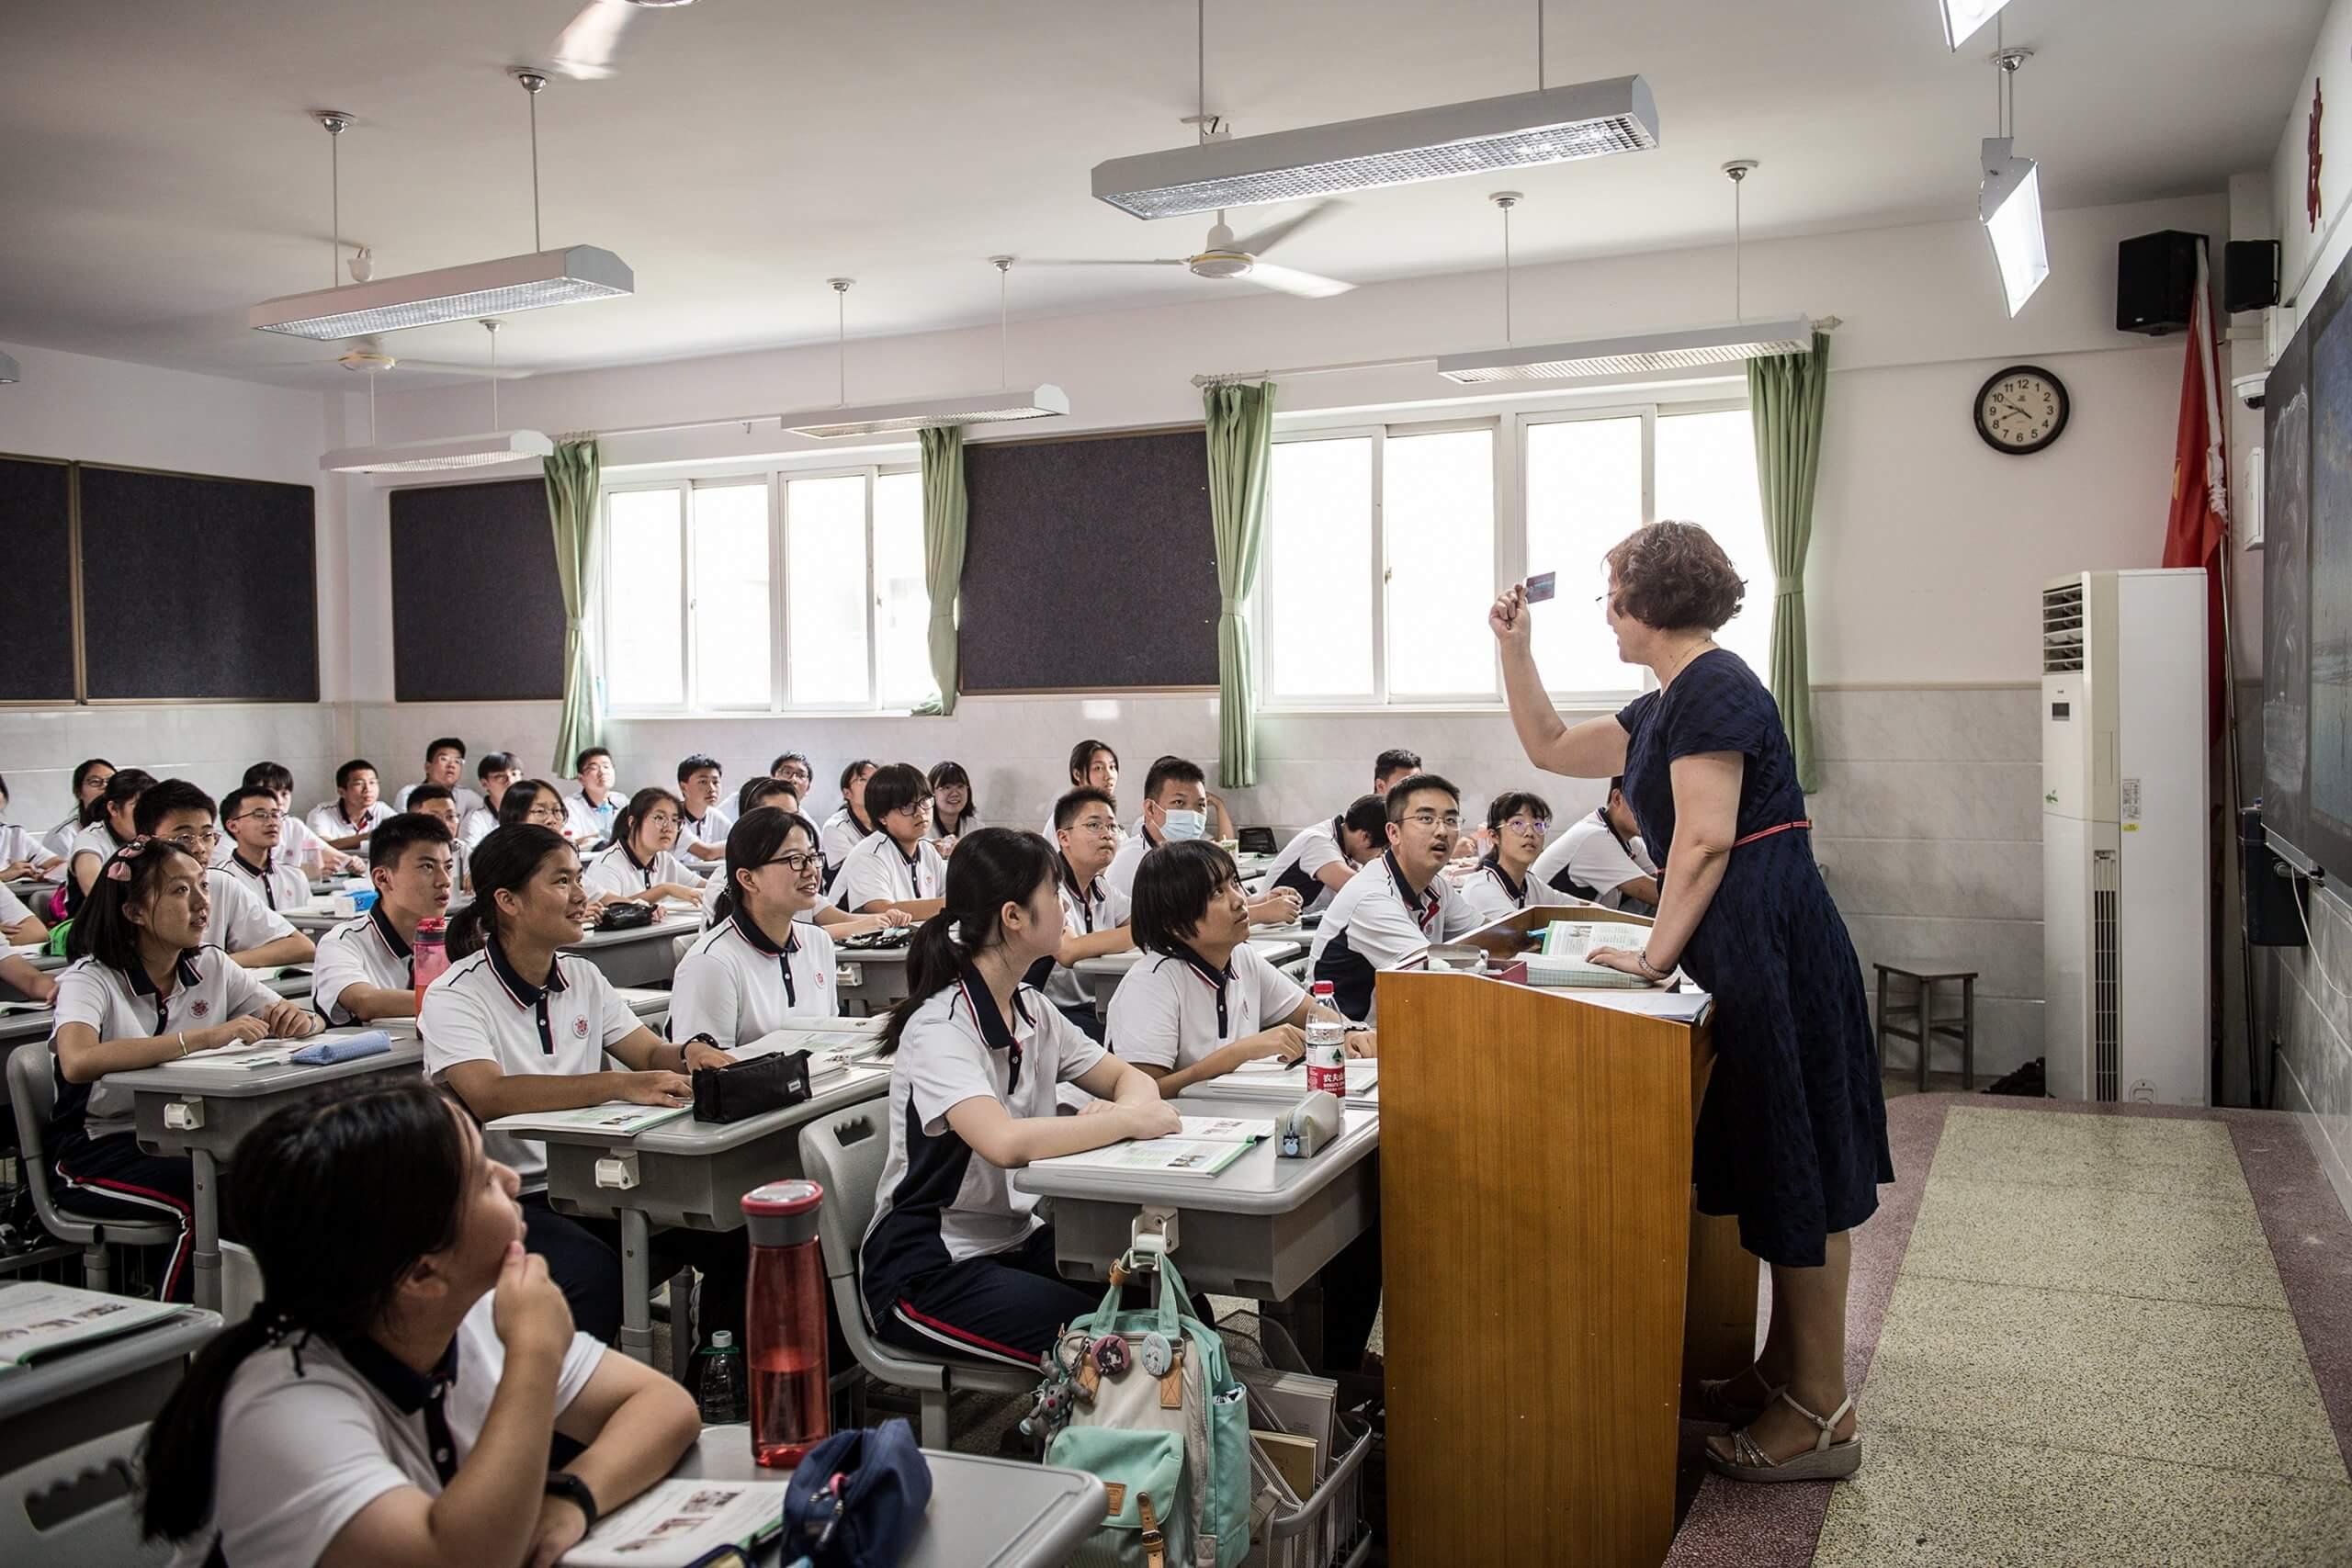 wuhan schools